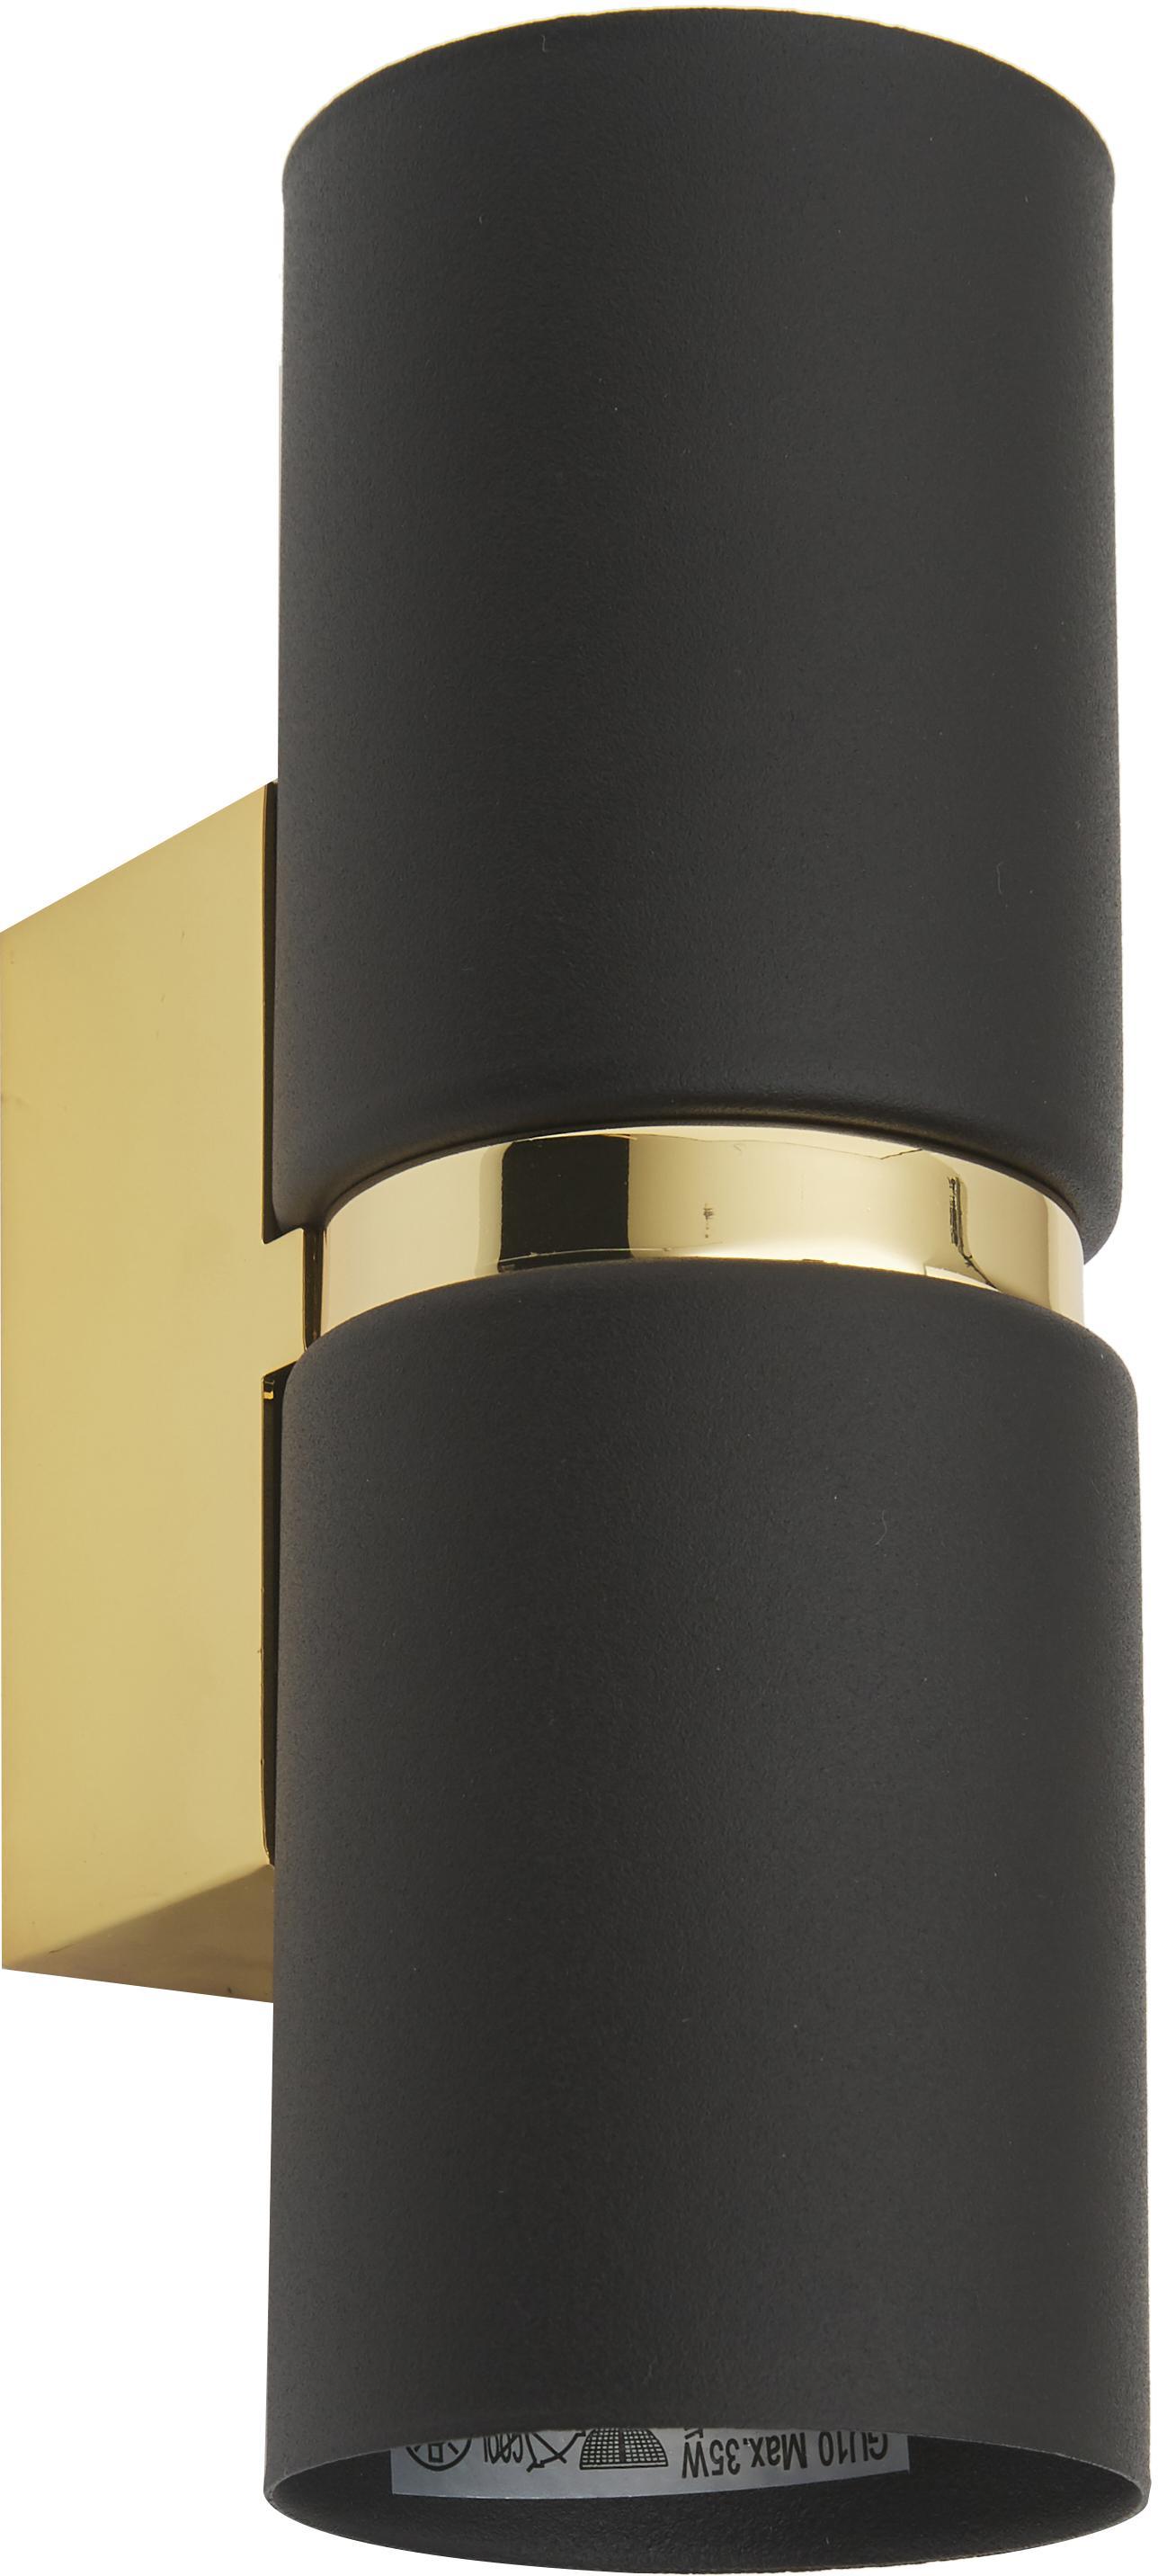 Wandleuchte Passa, Stahl, lackiert, Schwarz, Goldfarben, 6 x 17 cm